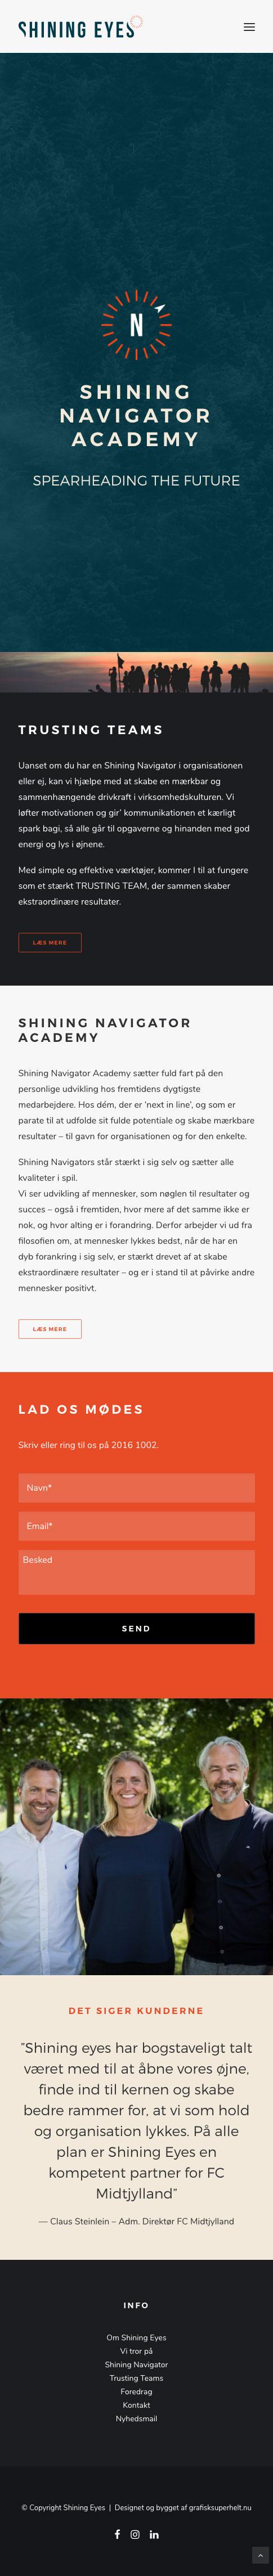 shiningeyes.dk mobile version